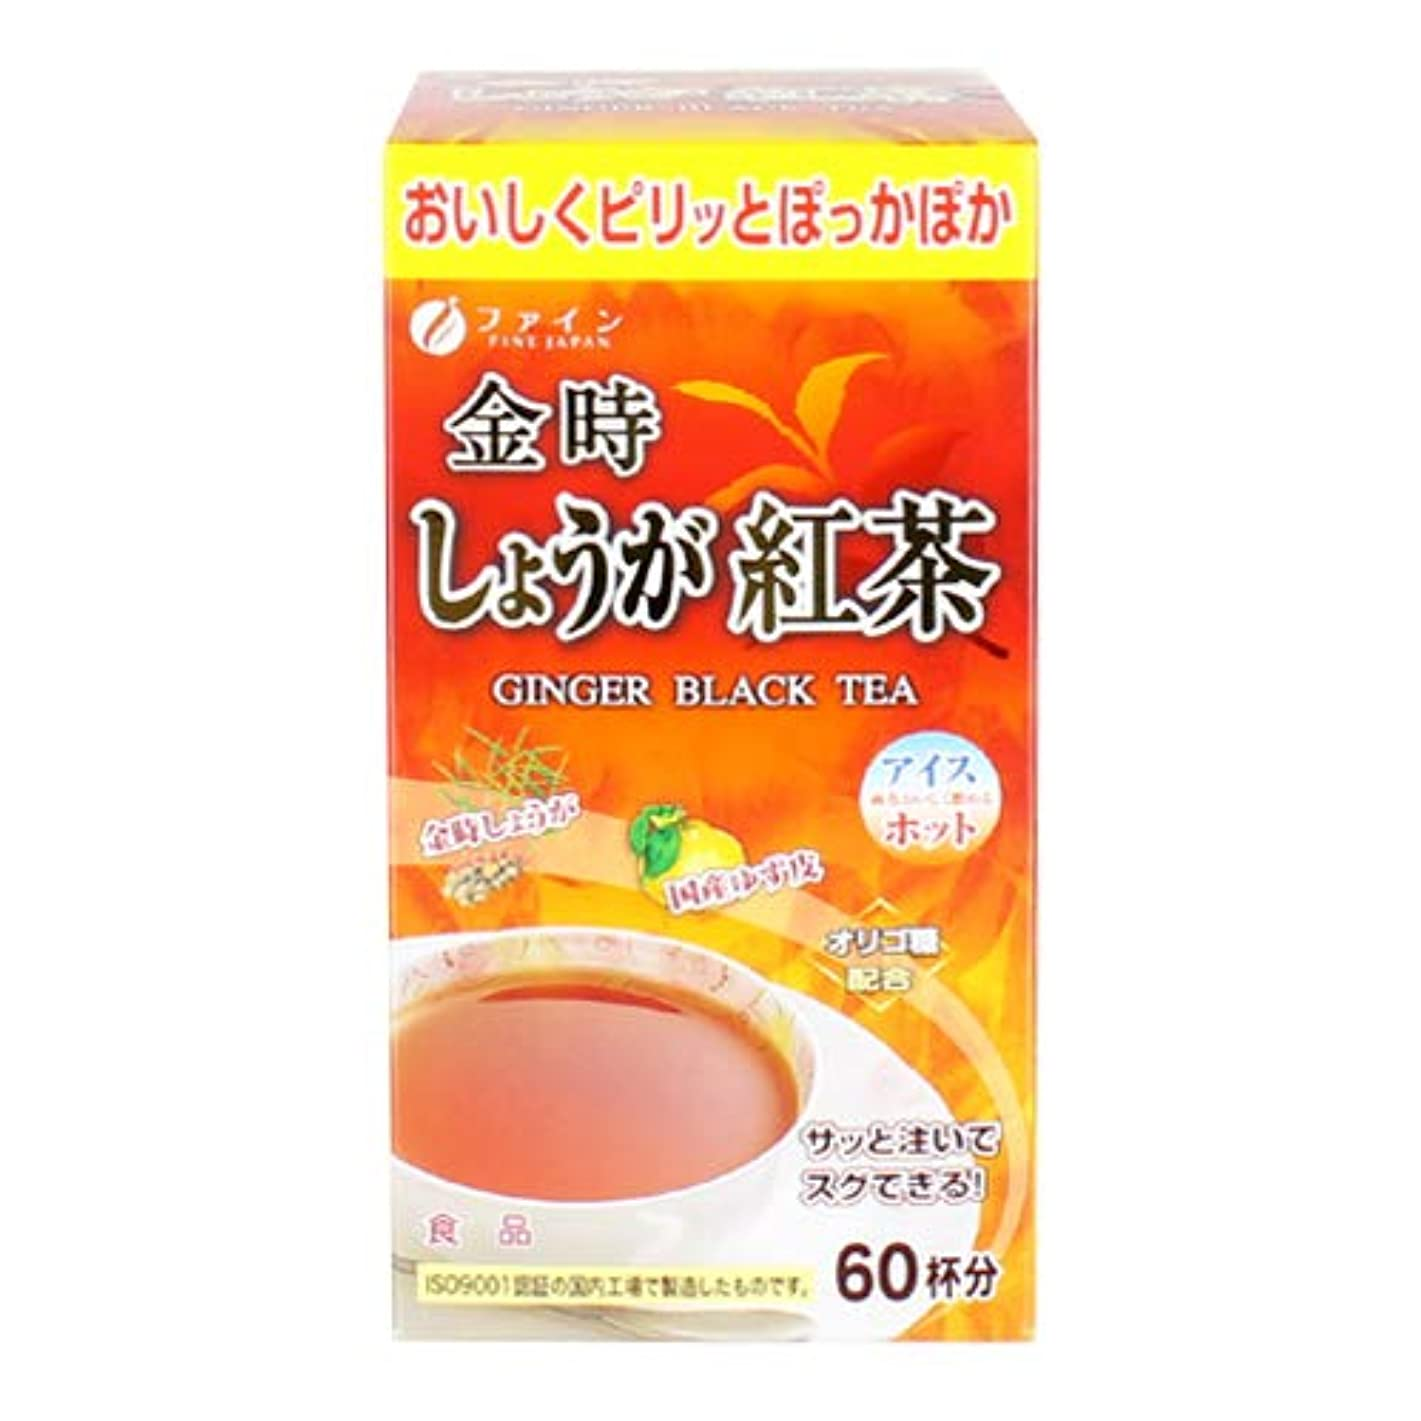 パールクリック乱雑なファイン しょうが紅茶 【30箱組】